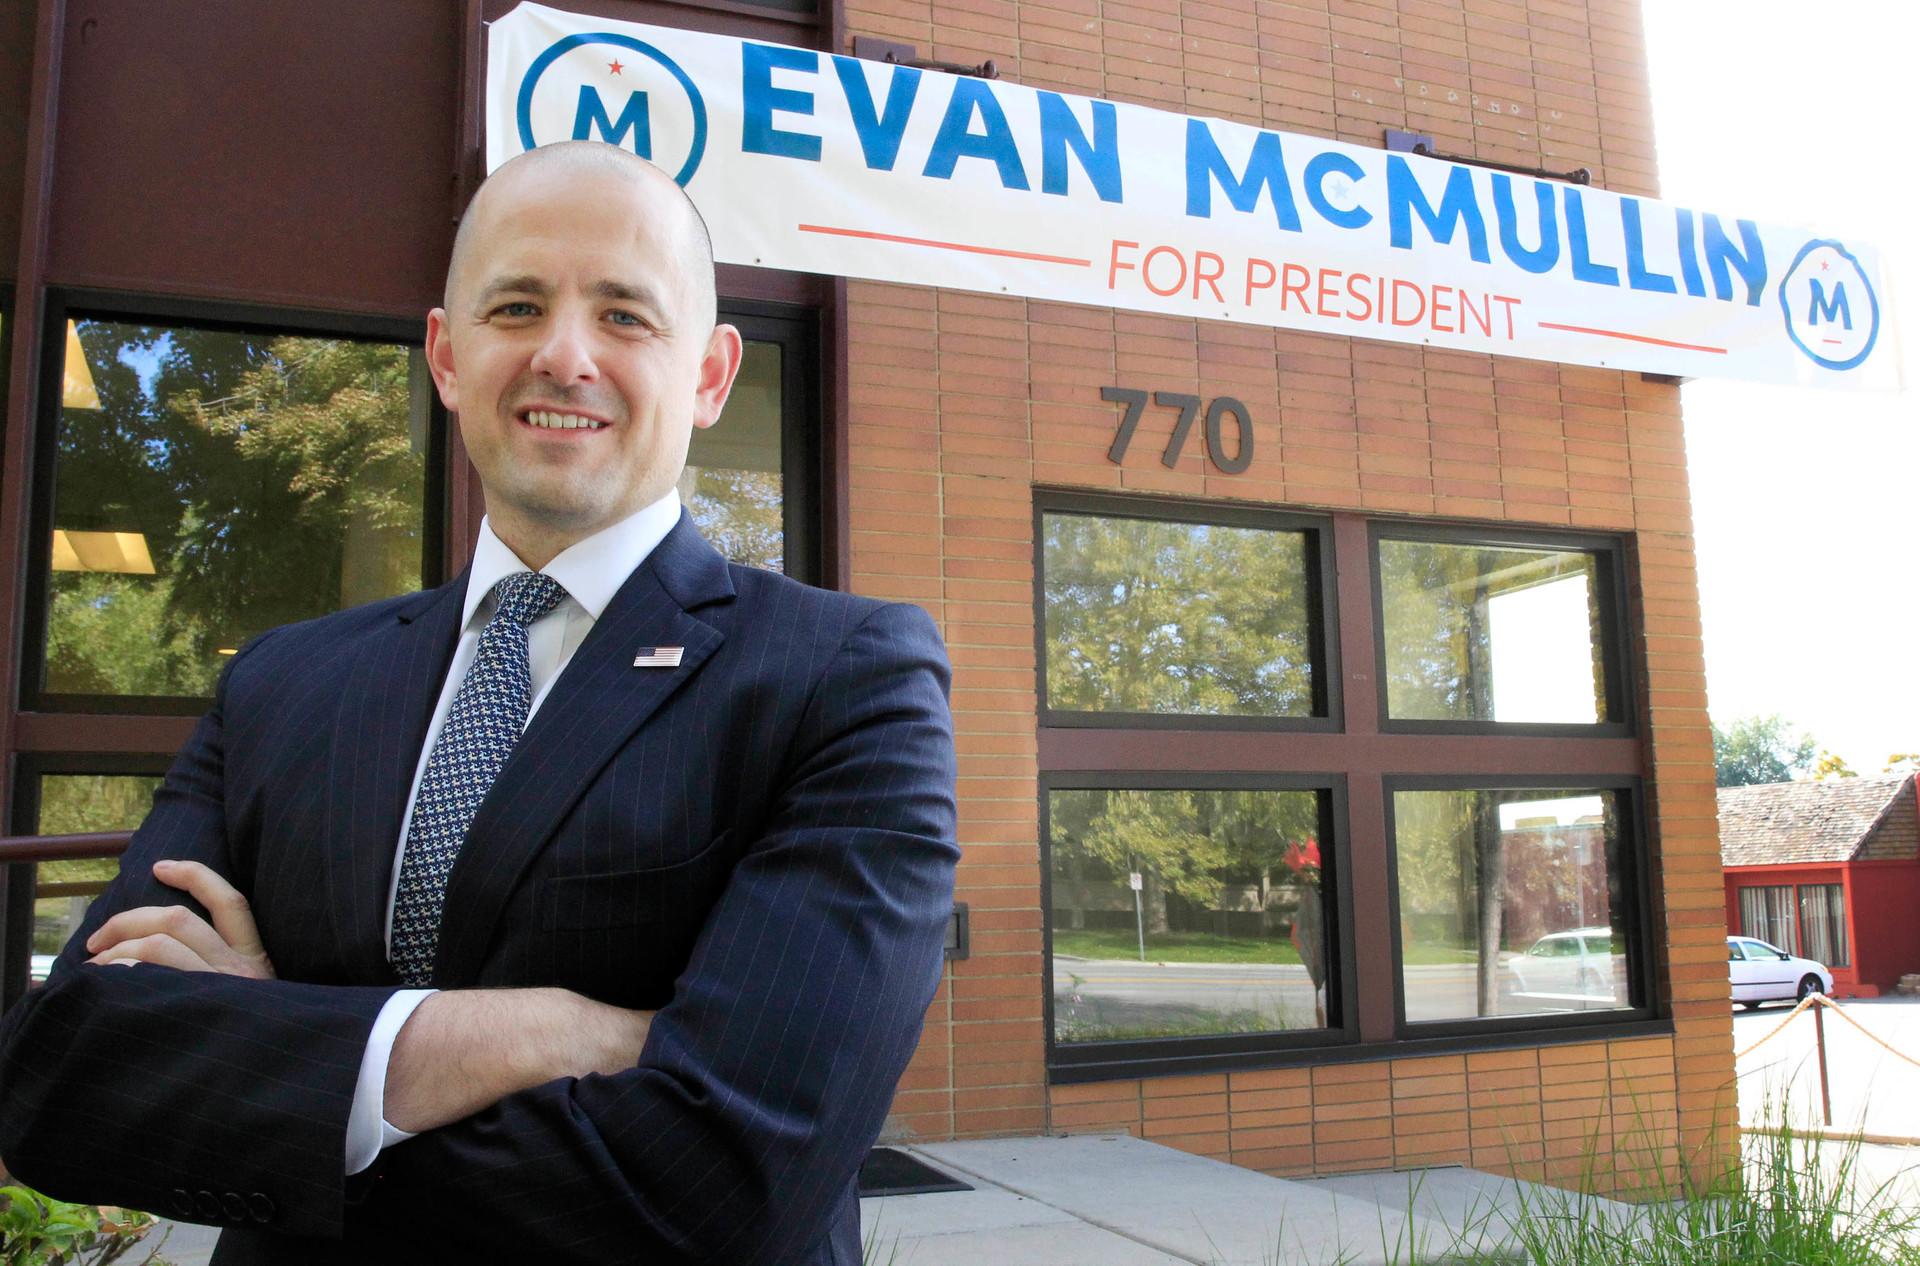 Sistema electoral: Evan McMullin podría convertirse en presidente de EE.UU.